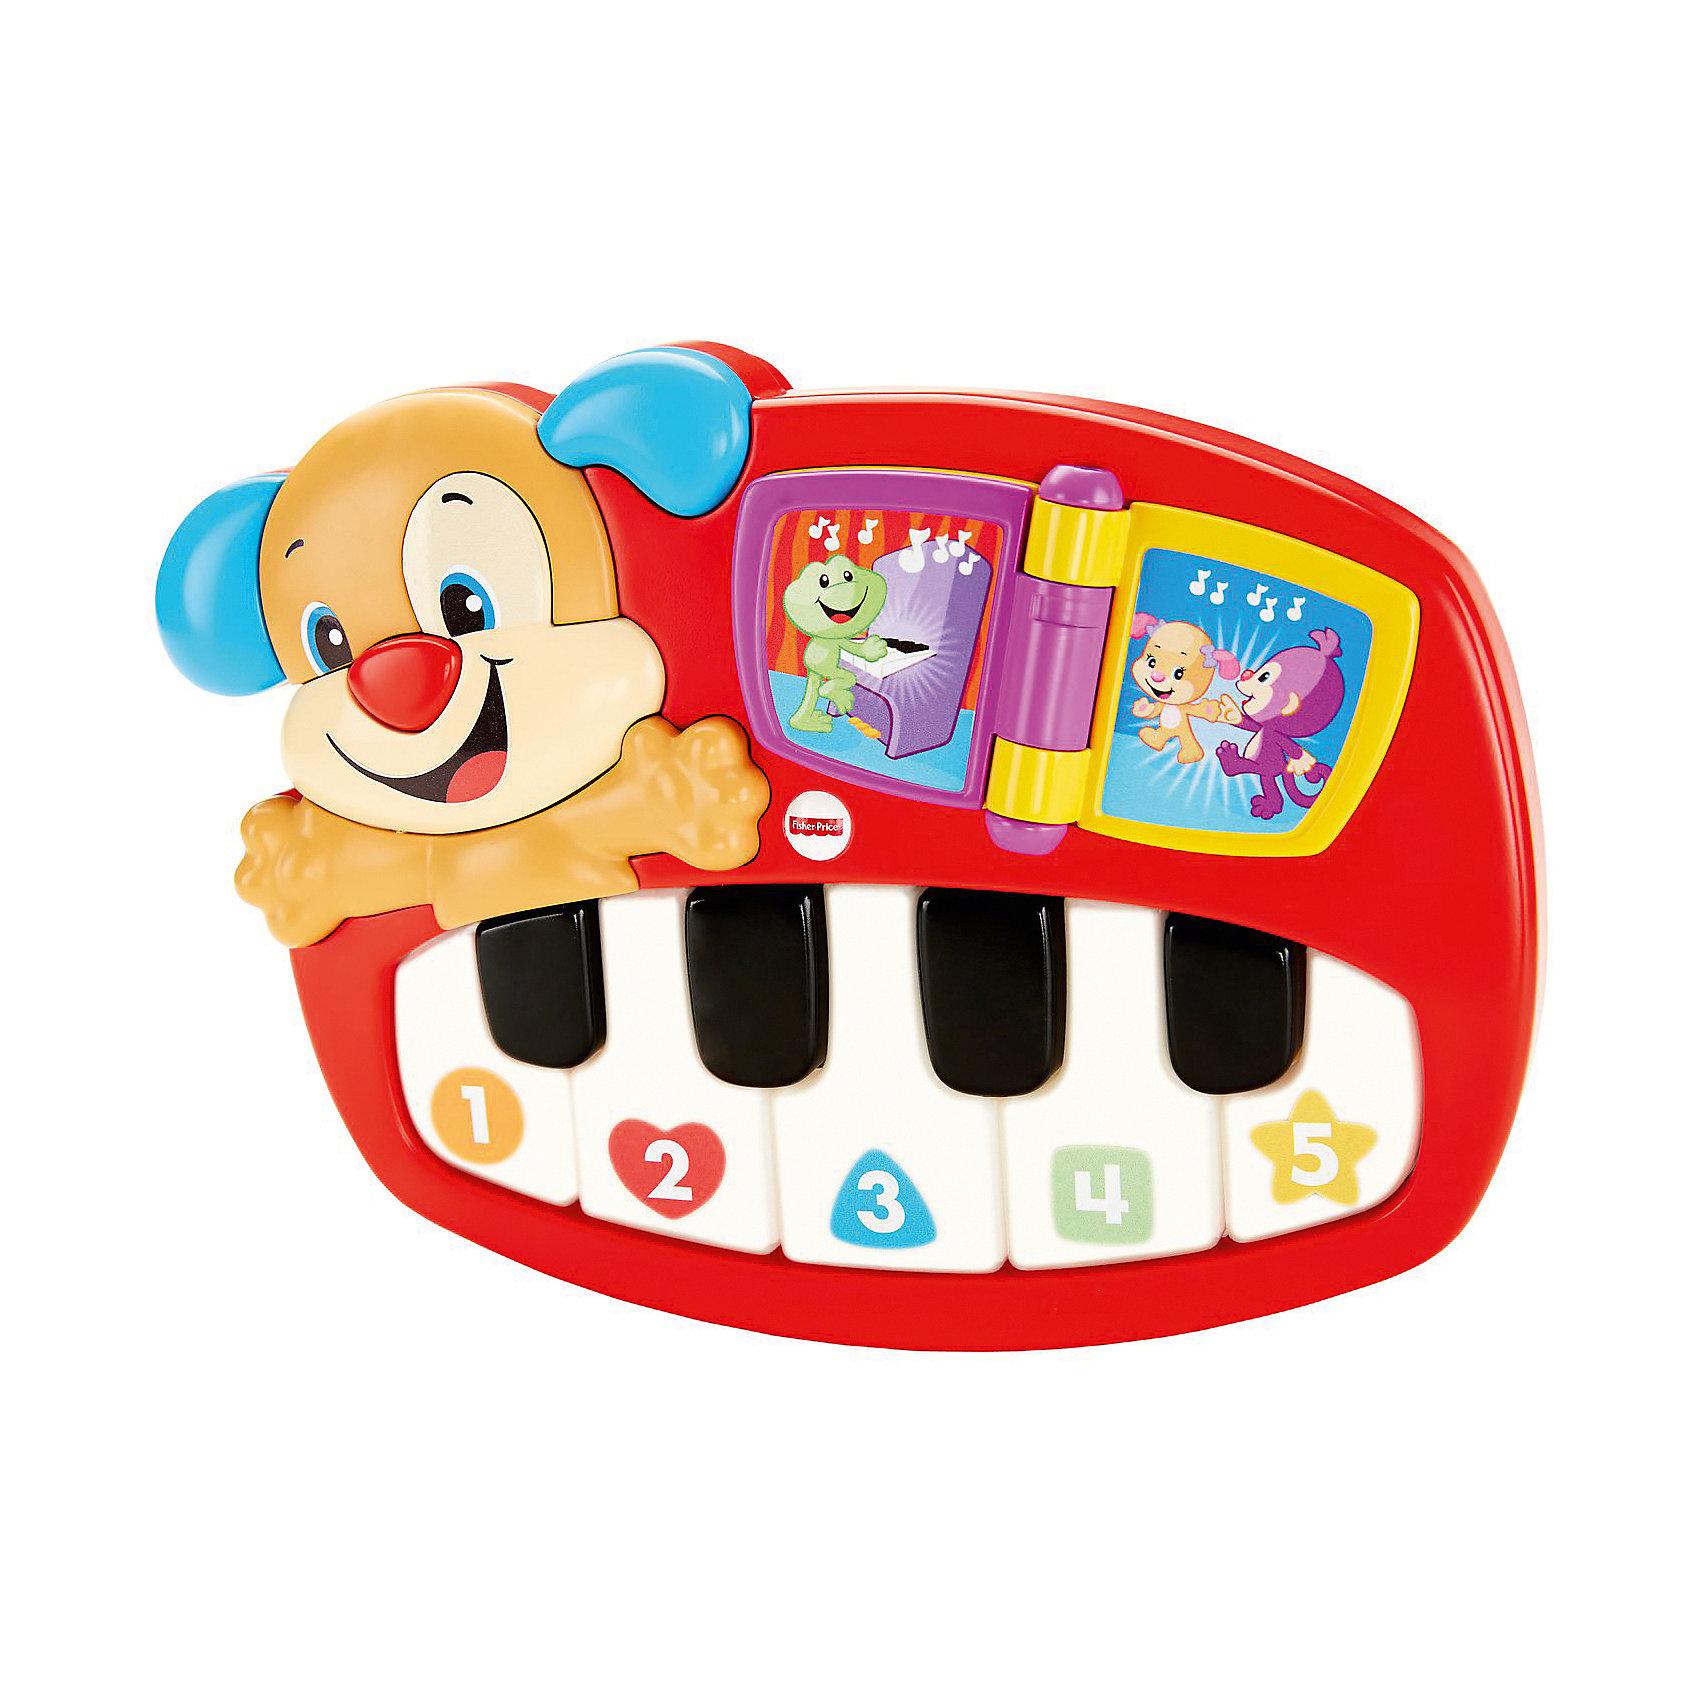 Пианино-щенок, Fisher-priceПианино-щенок, Fisher-price (Фишер-прайс) – эта развивающая игрушка обязательно понравится вашему малышу и не позволит ему скучать!<br>Веселый щенок и его пианино с музыкальными и световыми эффектами помогут малышу учиться с радостью! У пианино 2 режима игры: учебный и музыкальный. Благодаря им, малыш узнает о разных цветах, числах, формах, выучит буквы, первые слова, а также поиграет на пианино! Малыш легко создаст свою собственную мелодию, нажимая, на пять подсвечиваемых клавиш пианино, а дружелюбный щенок и интерактивная книжечка, которую можно листать, сделают игру еще интереснее. Игрушка развивает речь, цветовое и звуковое восприятие, логическое мышление, причинно-следственные связи, воображение, тактильные ощущения и мелкую моторику рук.<br><br>Дополнительная информация:<br><br>- 30 песенок, фраз и мелодий<br>- На батарейках<br>- Материал: пластик<br>- Размер упаковки: 60 х 265 х 250 мм.<br>- Вес: 772 гр.<br><br>Пианино-щенок, Fisher-price (Фишер-прайс) можно купить в нашем интернет-магазине.<br><br>Ширина мм: 60<br>Глубина мм: 265<br>Высота мм: 250<br>Вес г: 772<br>Возраст от месяцев: 24<br>Возраст до месяцев: 60<br>Пол: Унисекс<br>Возраст: Детский<br>SKU: 4588324